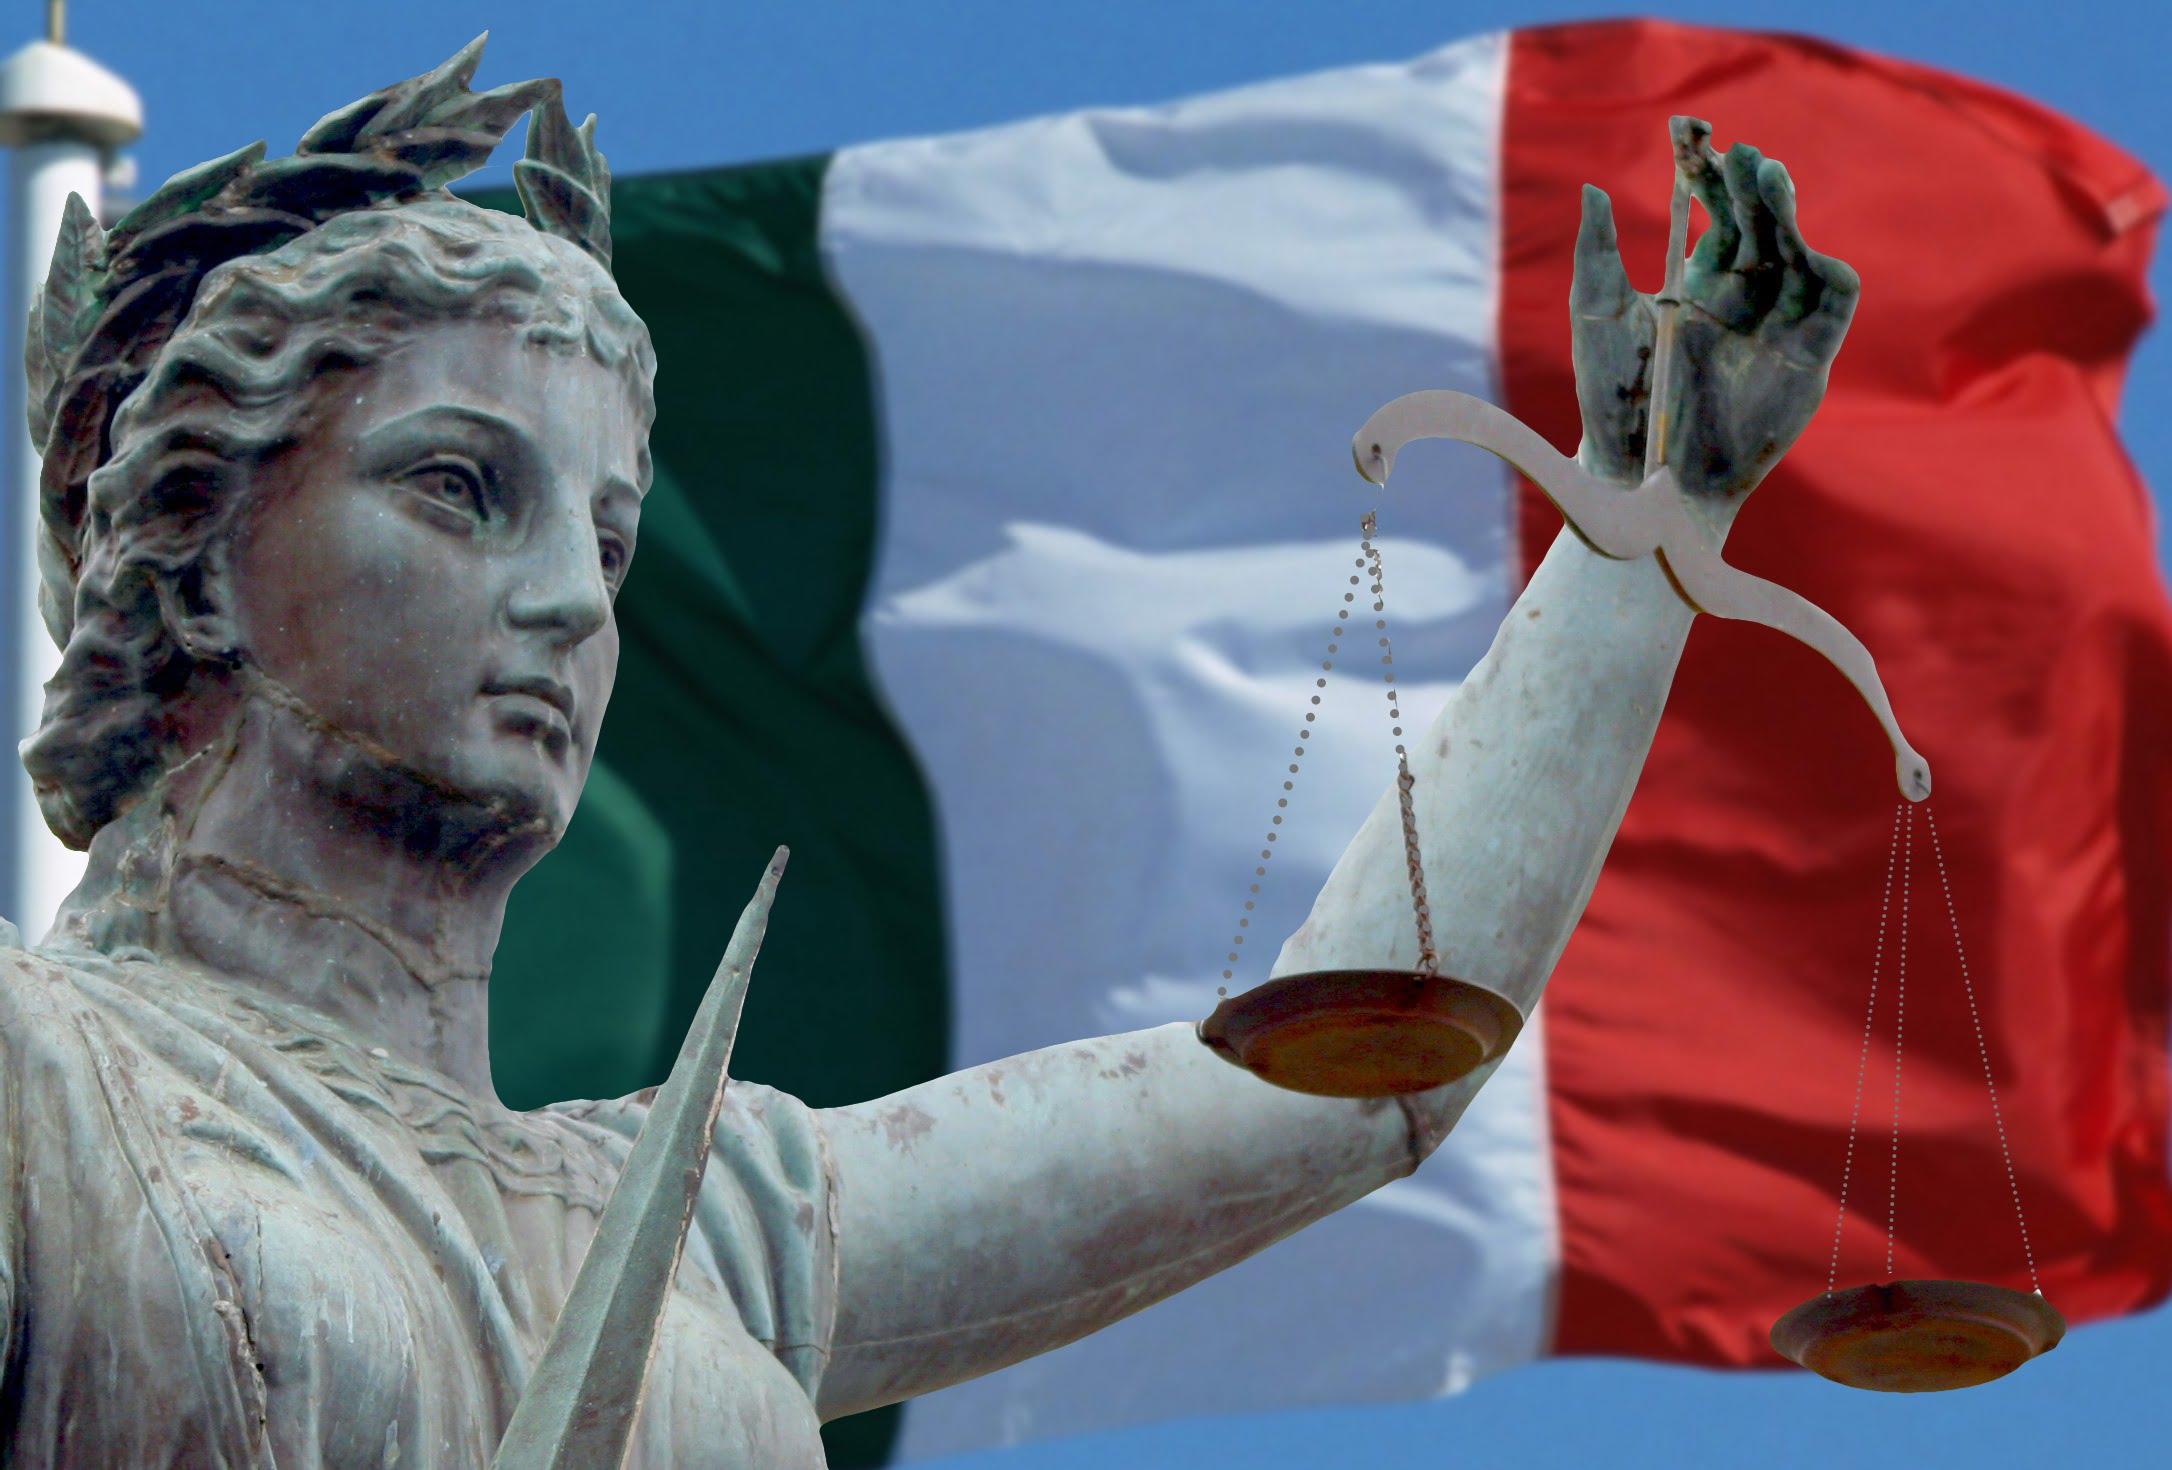 Giustizia nell'interessedella Nazione